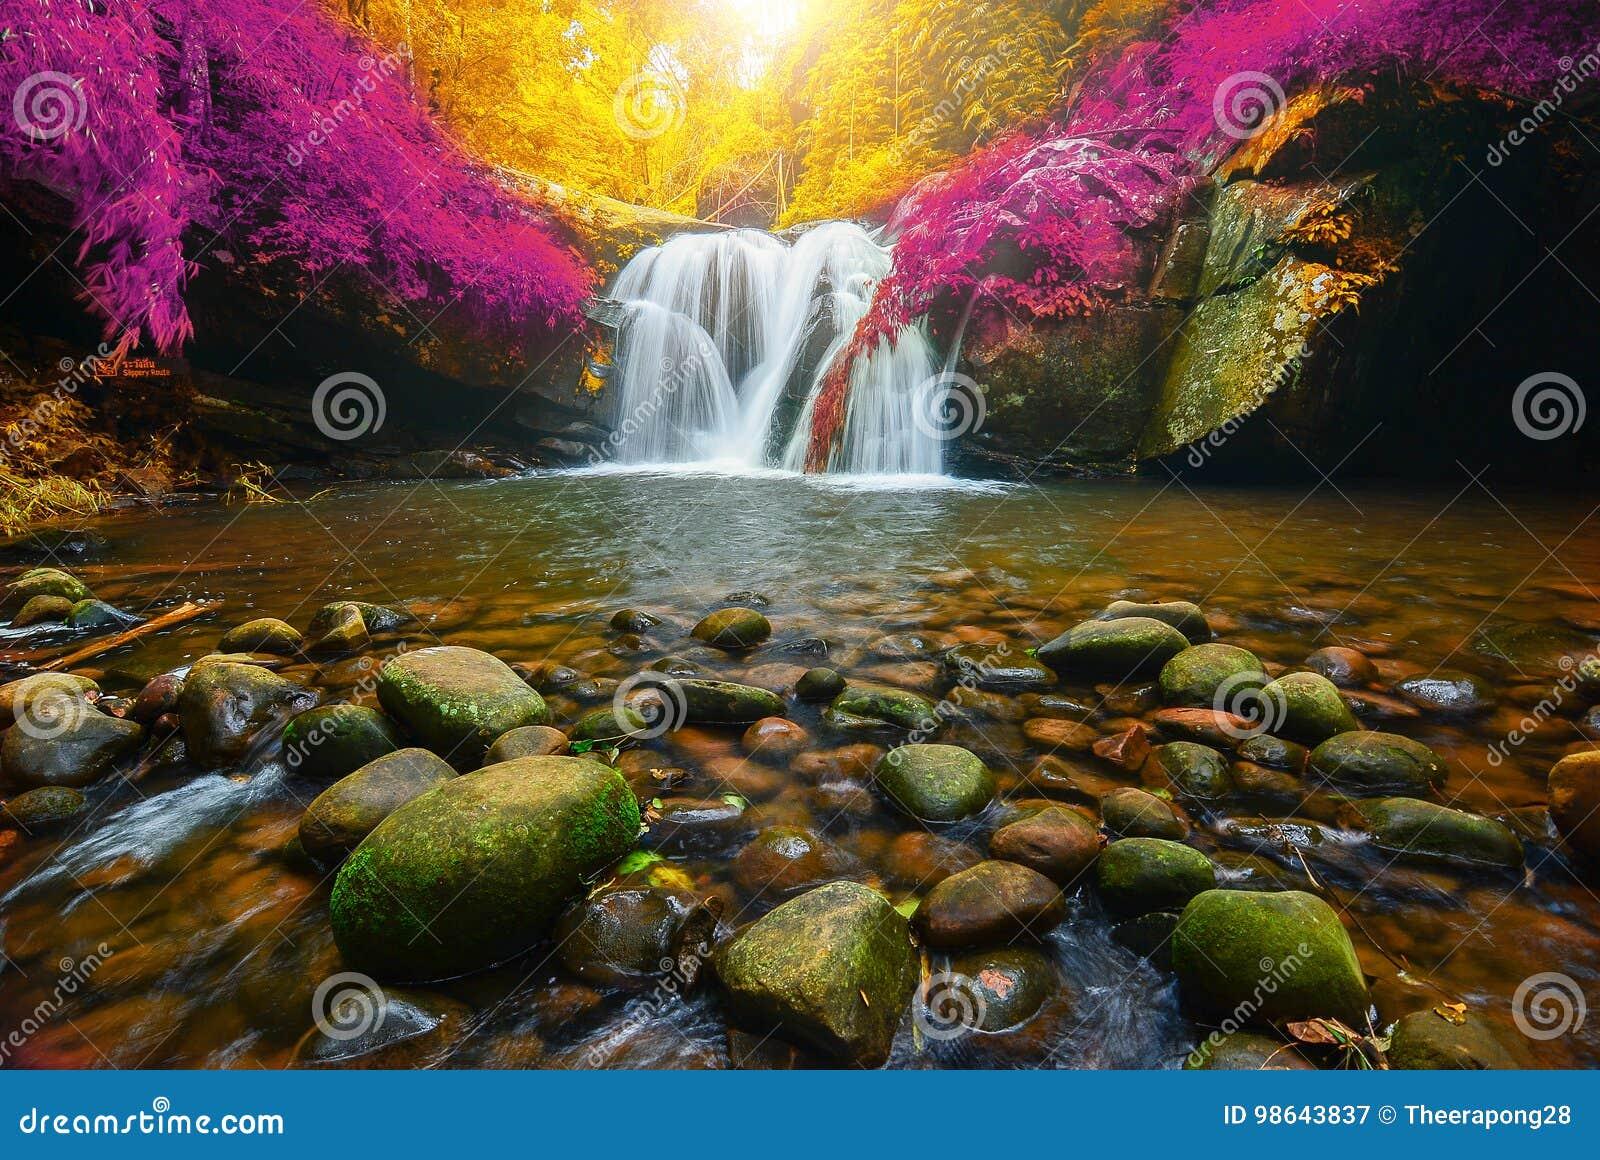 Водопад Phu Soi Dao с желтым цветом и пинком выходит осень деревьев,